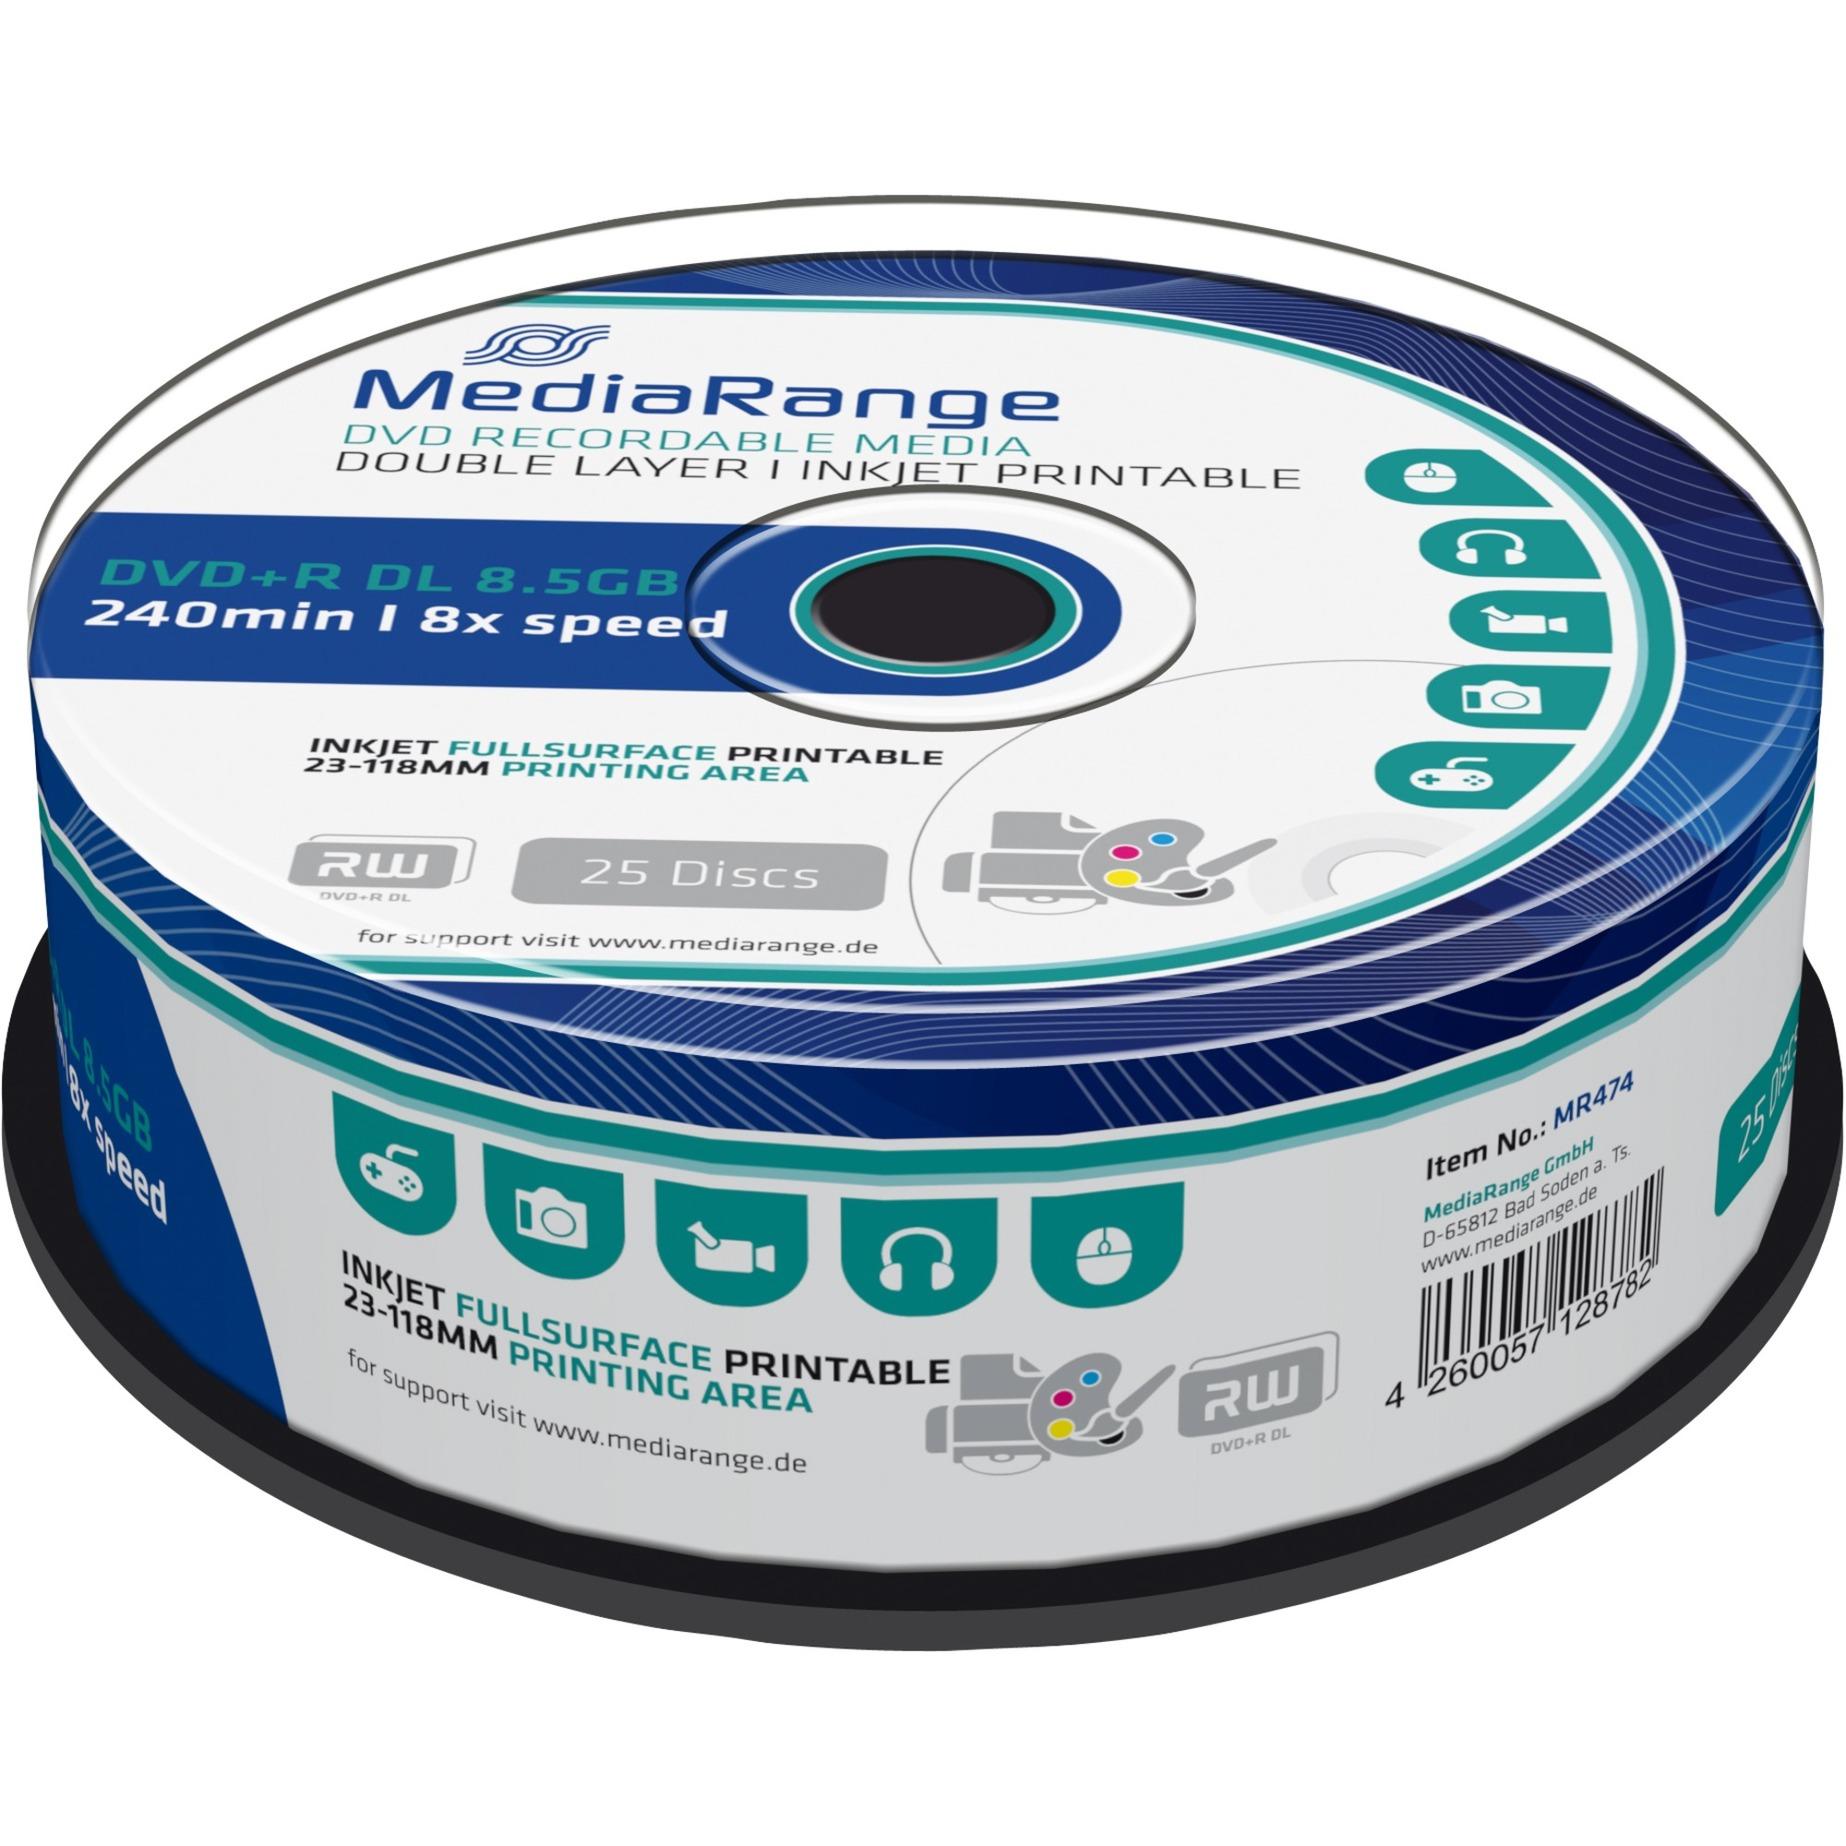 MR474 8.5Go DVD+R 25pièce(s) DVD vierge, Support vierge DVD